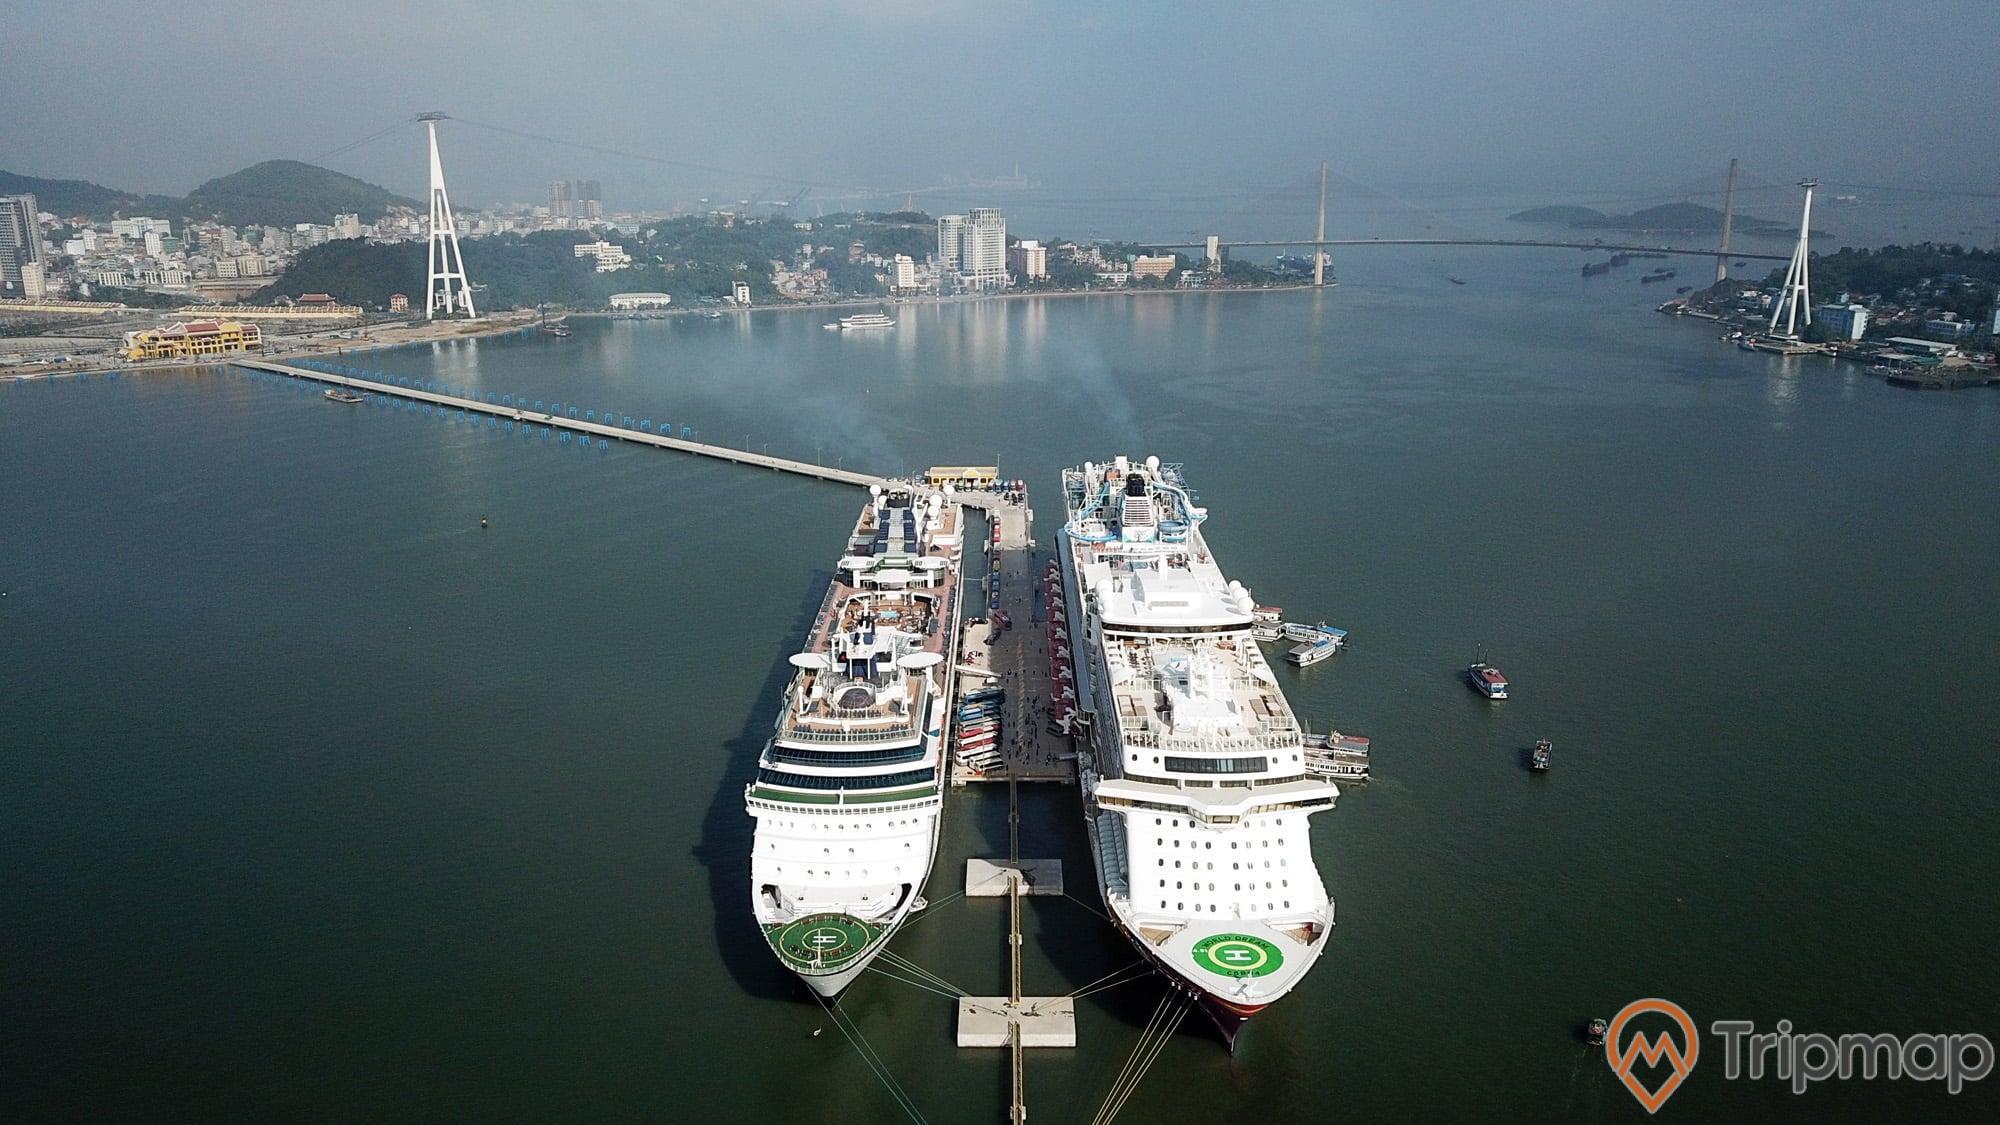 Cảng tàu khách Quốc tế Hạ Long, 2 tàu quốc tế 5 sao màu trắng, nước biển màu xanh, cầu bãi cháy ở phía xa, ảnh chụp từ trên cao, ảnh chụp ban ngày